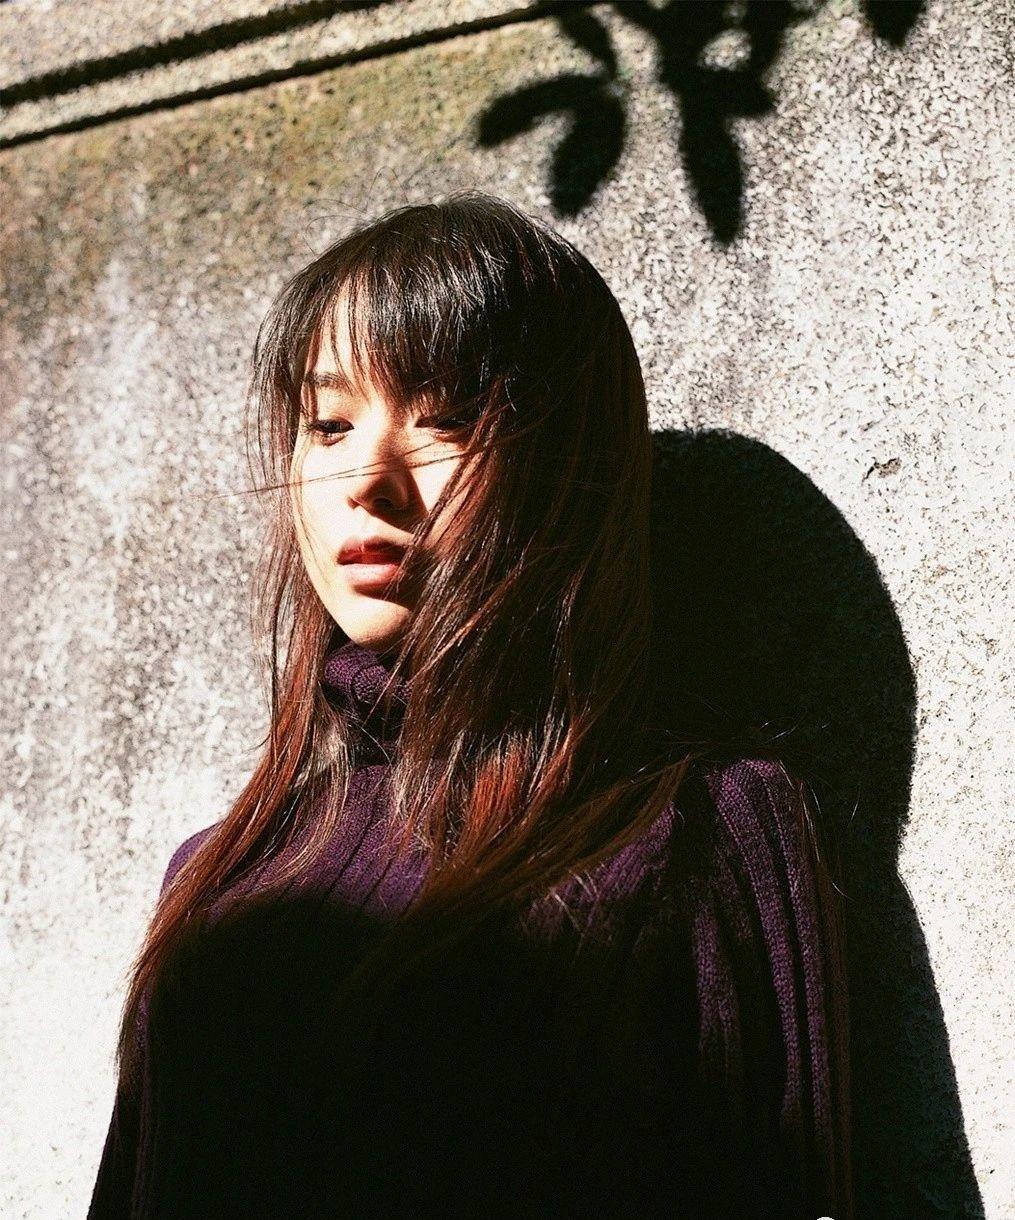 美的不可方物少女时代的户田惠梨香写真作品 (47)